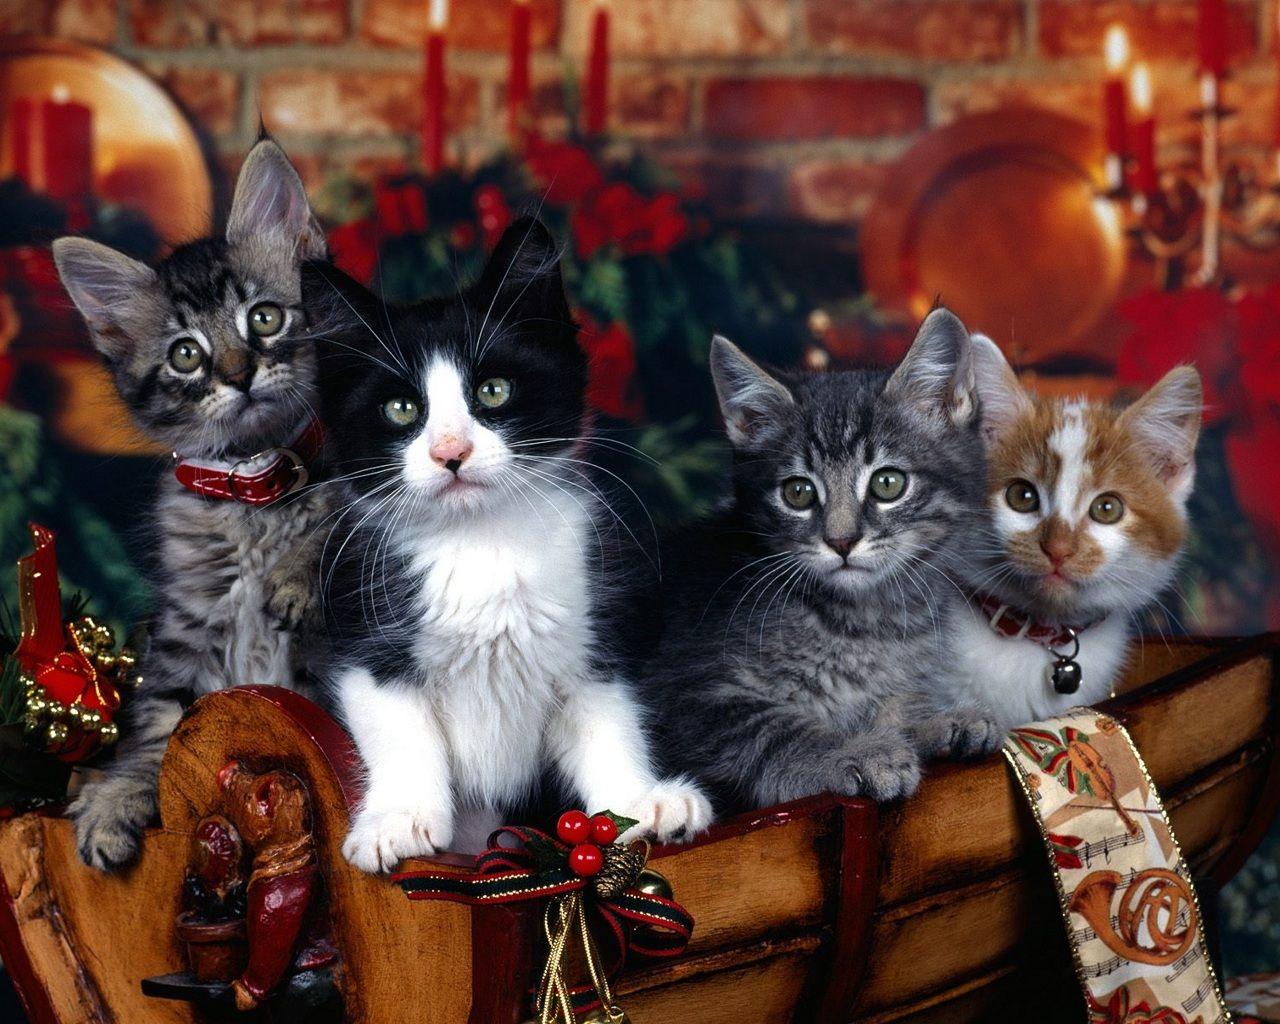 Christmas Gift Basket Of Kittens 1280 1024 Christmas Kitten Christmas Animals Christmas Cats